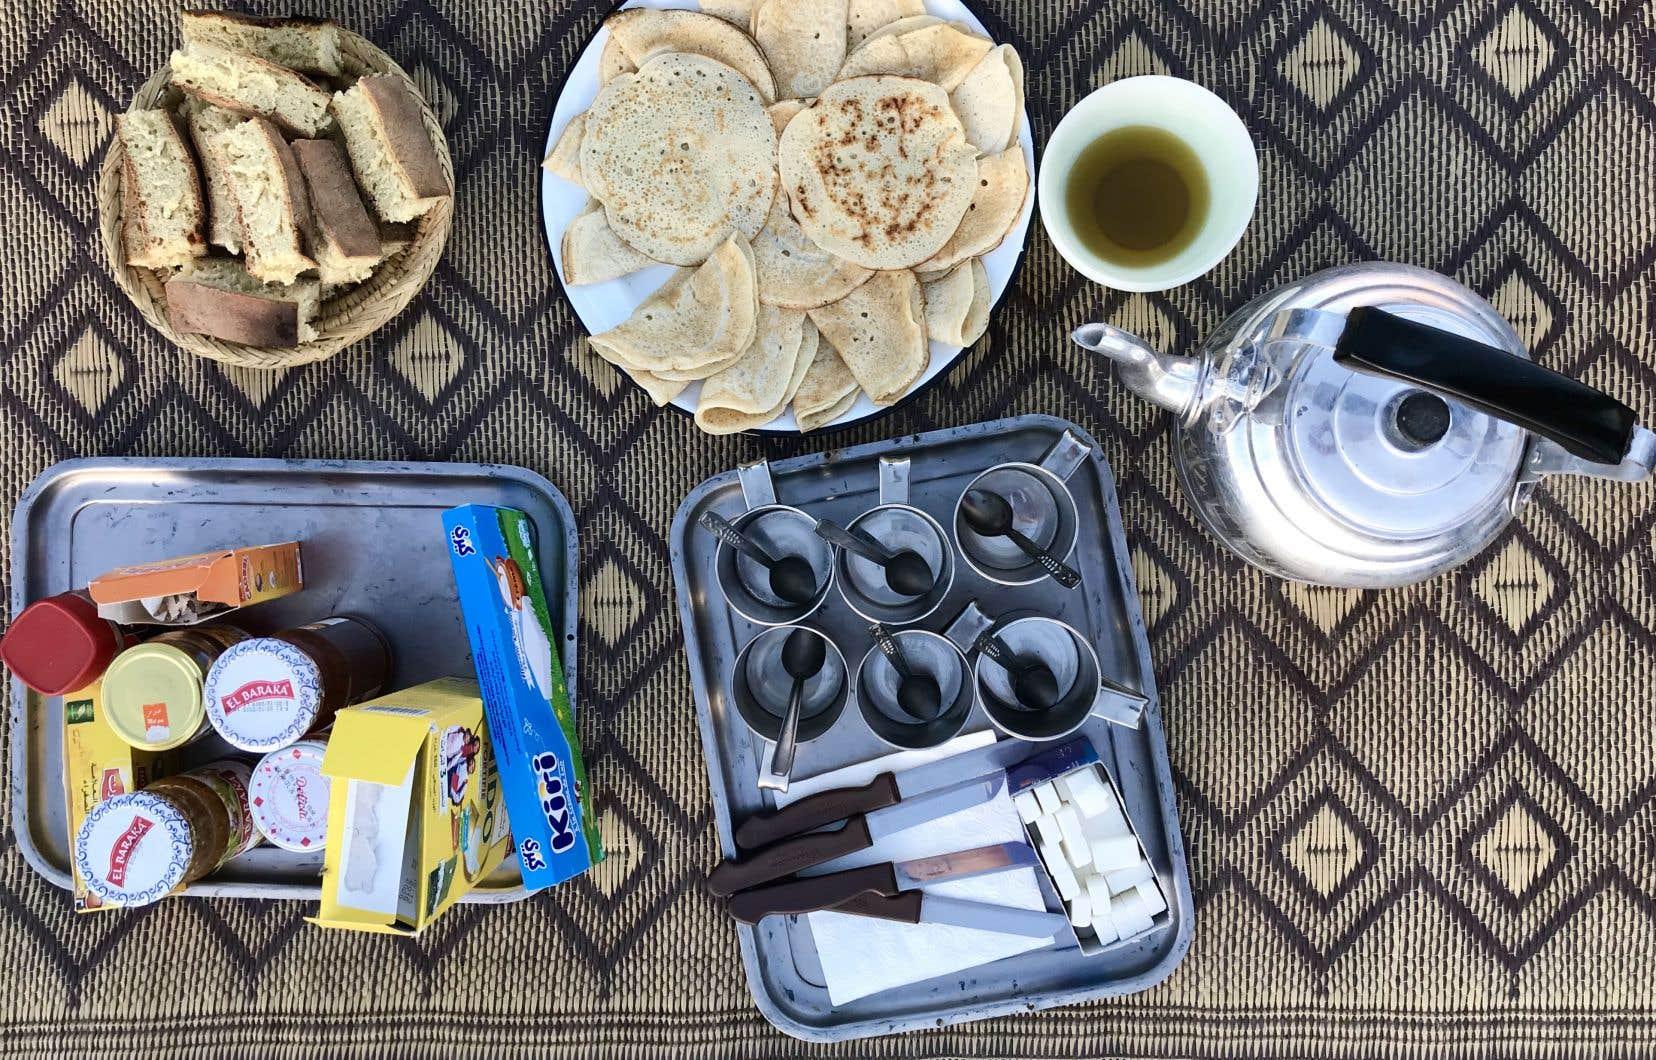 Petit-déjeuner dans le désert, y compris le pain cuit dans le sable et les crêpes aux mille trous.